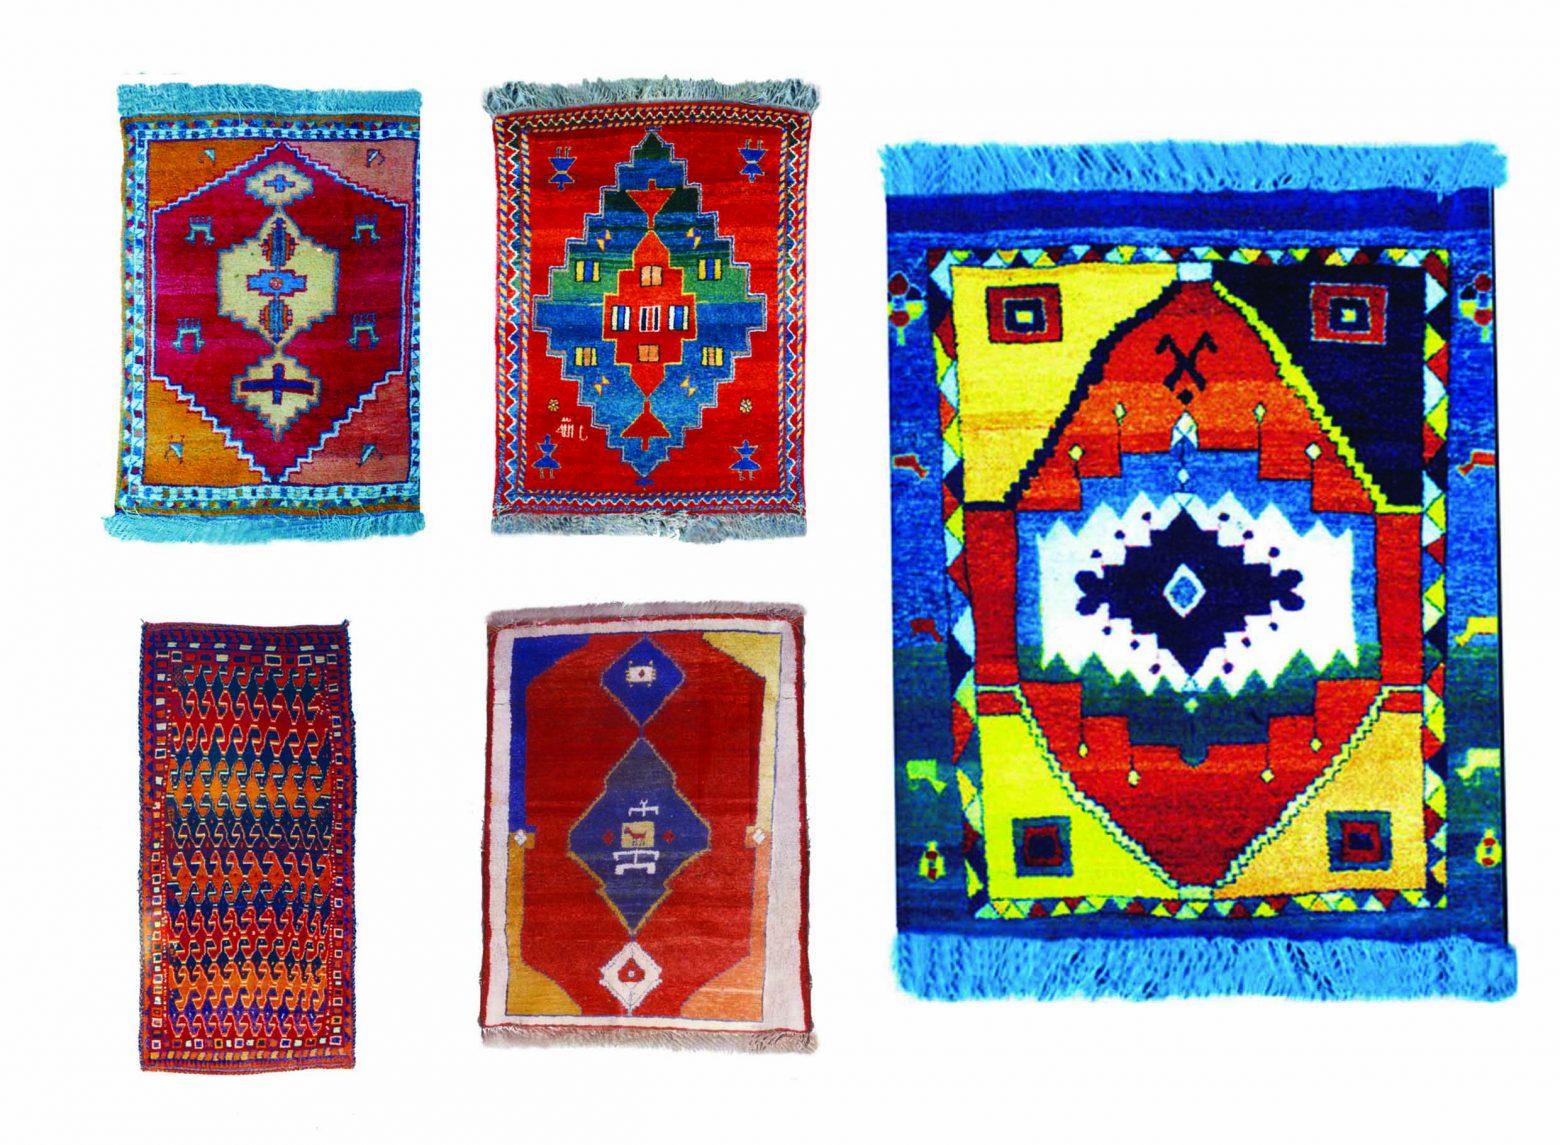 گبه 1 1560x1145 - دستبافت روستایی ایلیاتی هنرمعاصر نائیف طرح های ذهنی استیلیزه